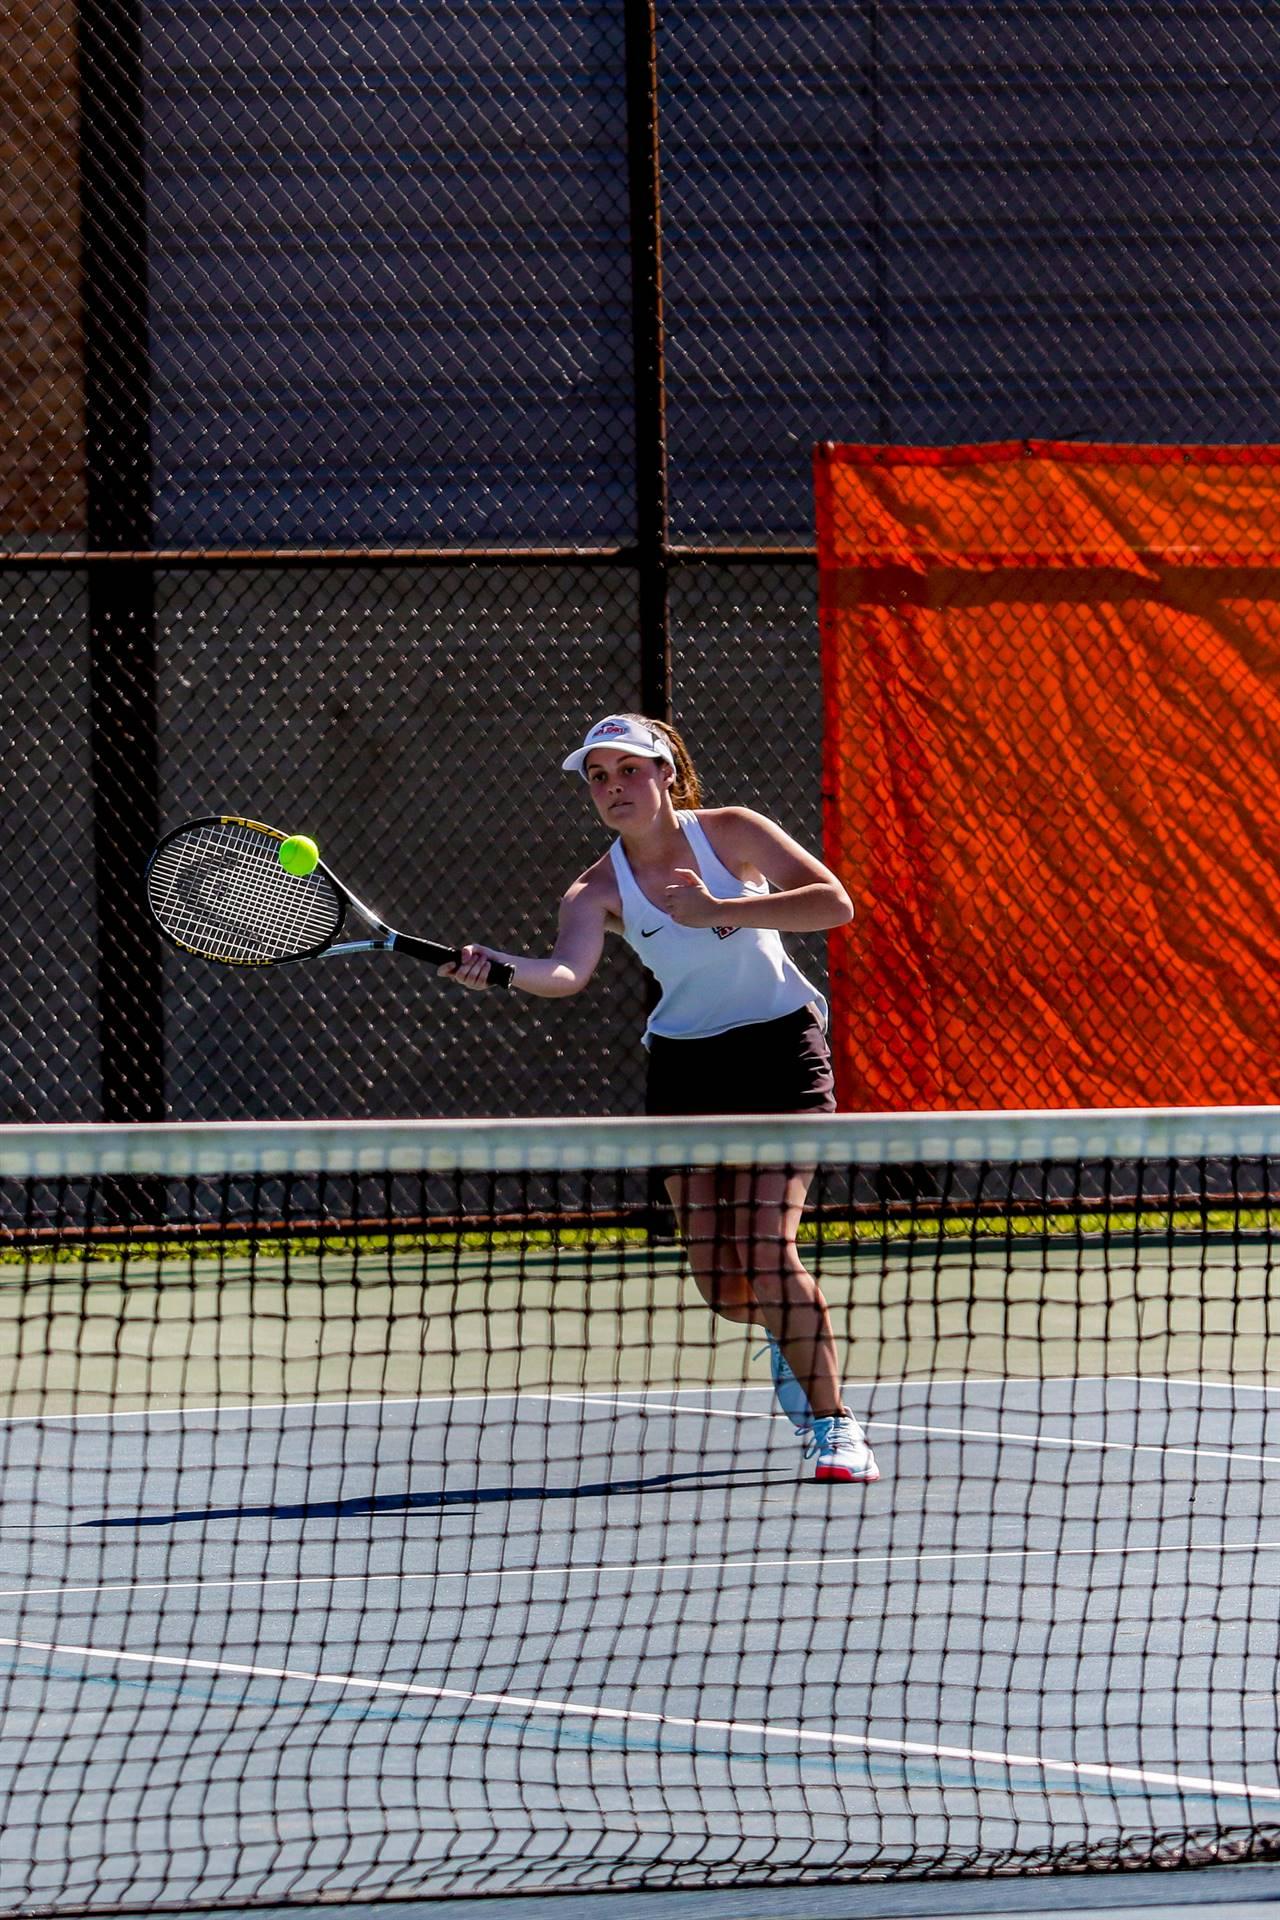 tennis player ball